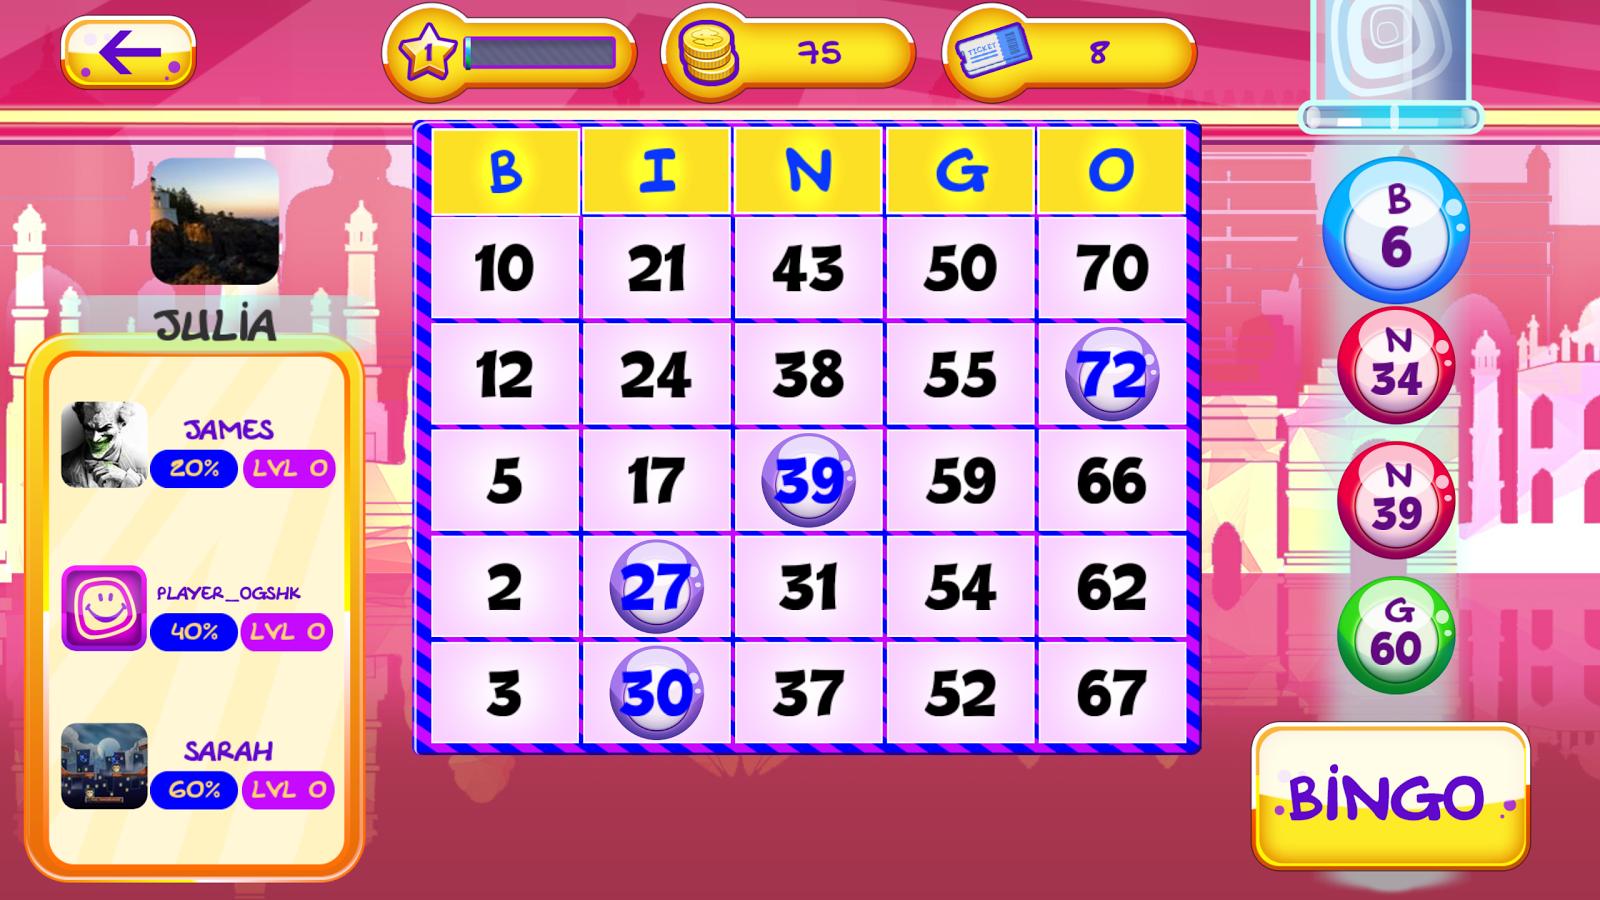 Play Bingo - Online Bingo Games